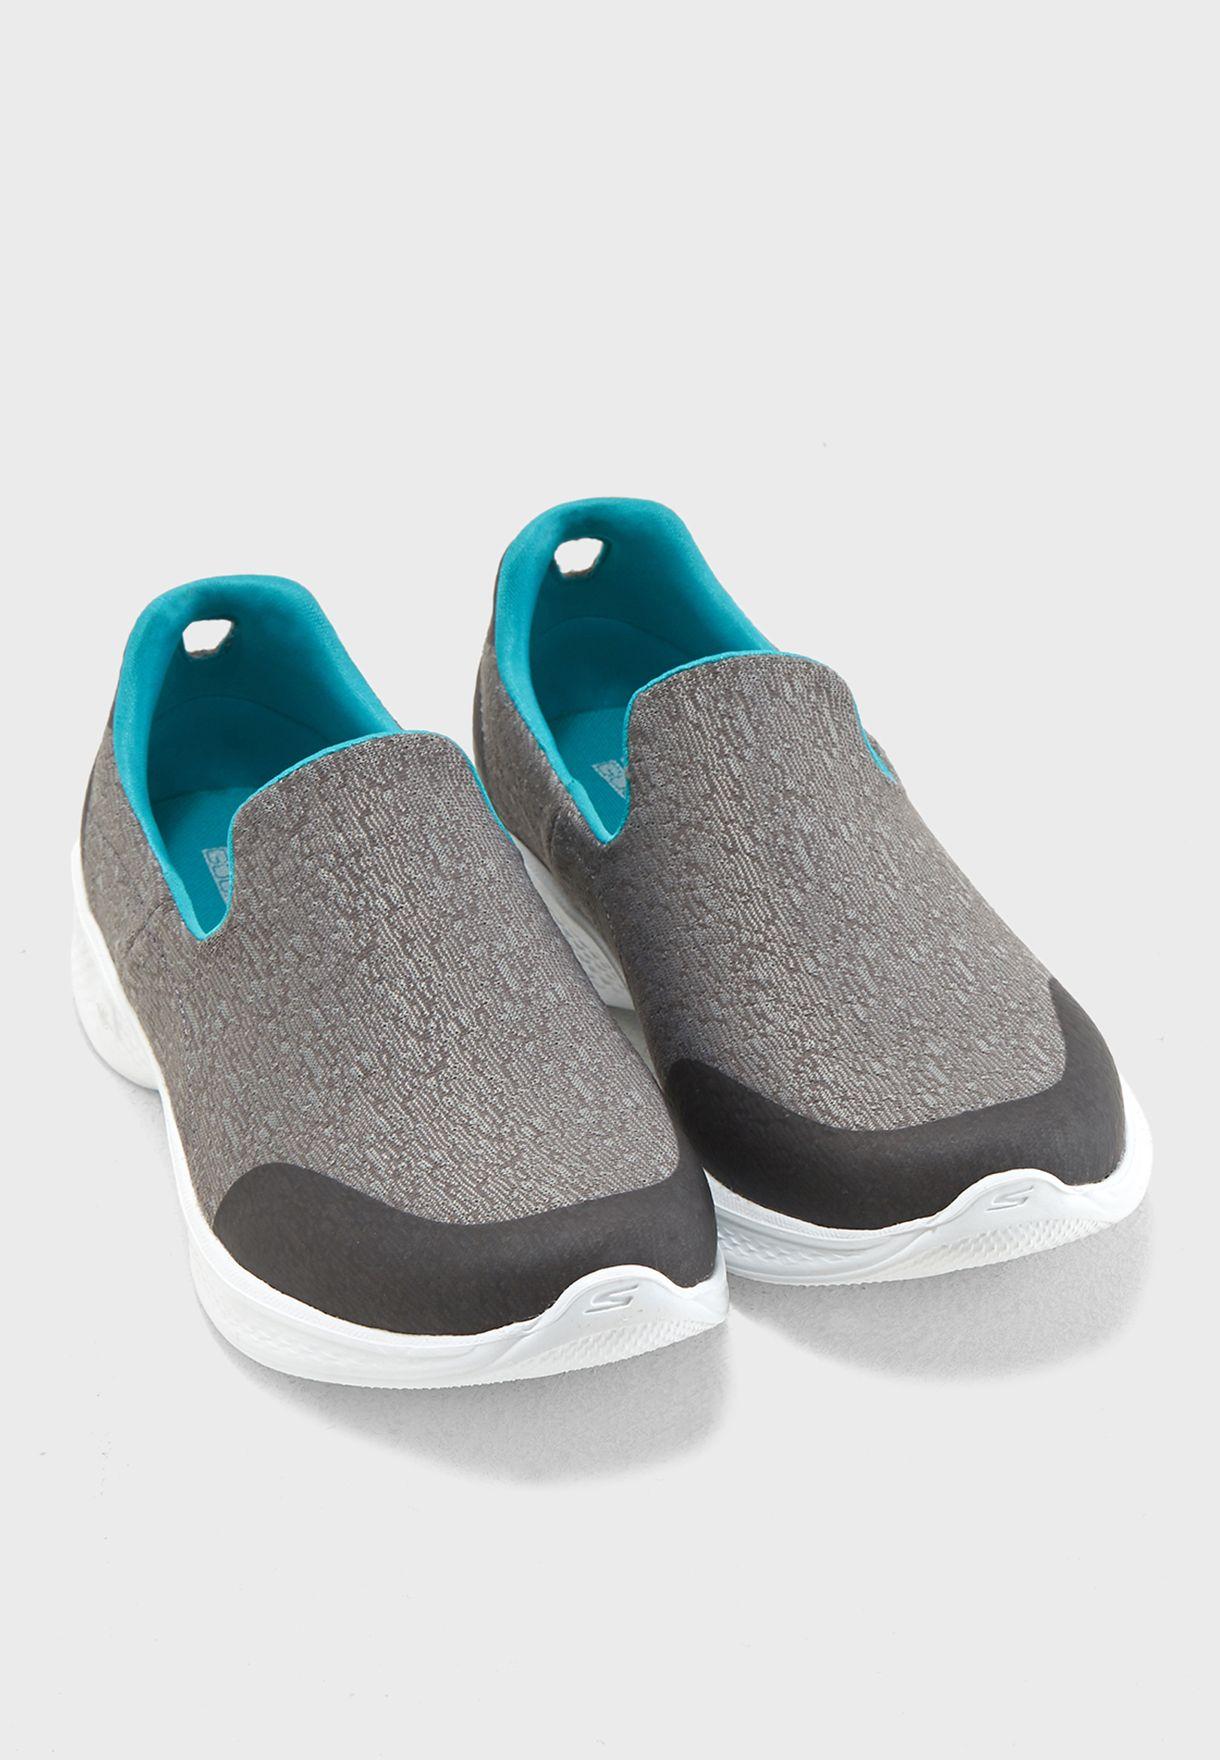 حذاء جو ووك 4 - اكسيوبرنس